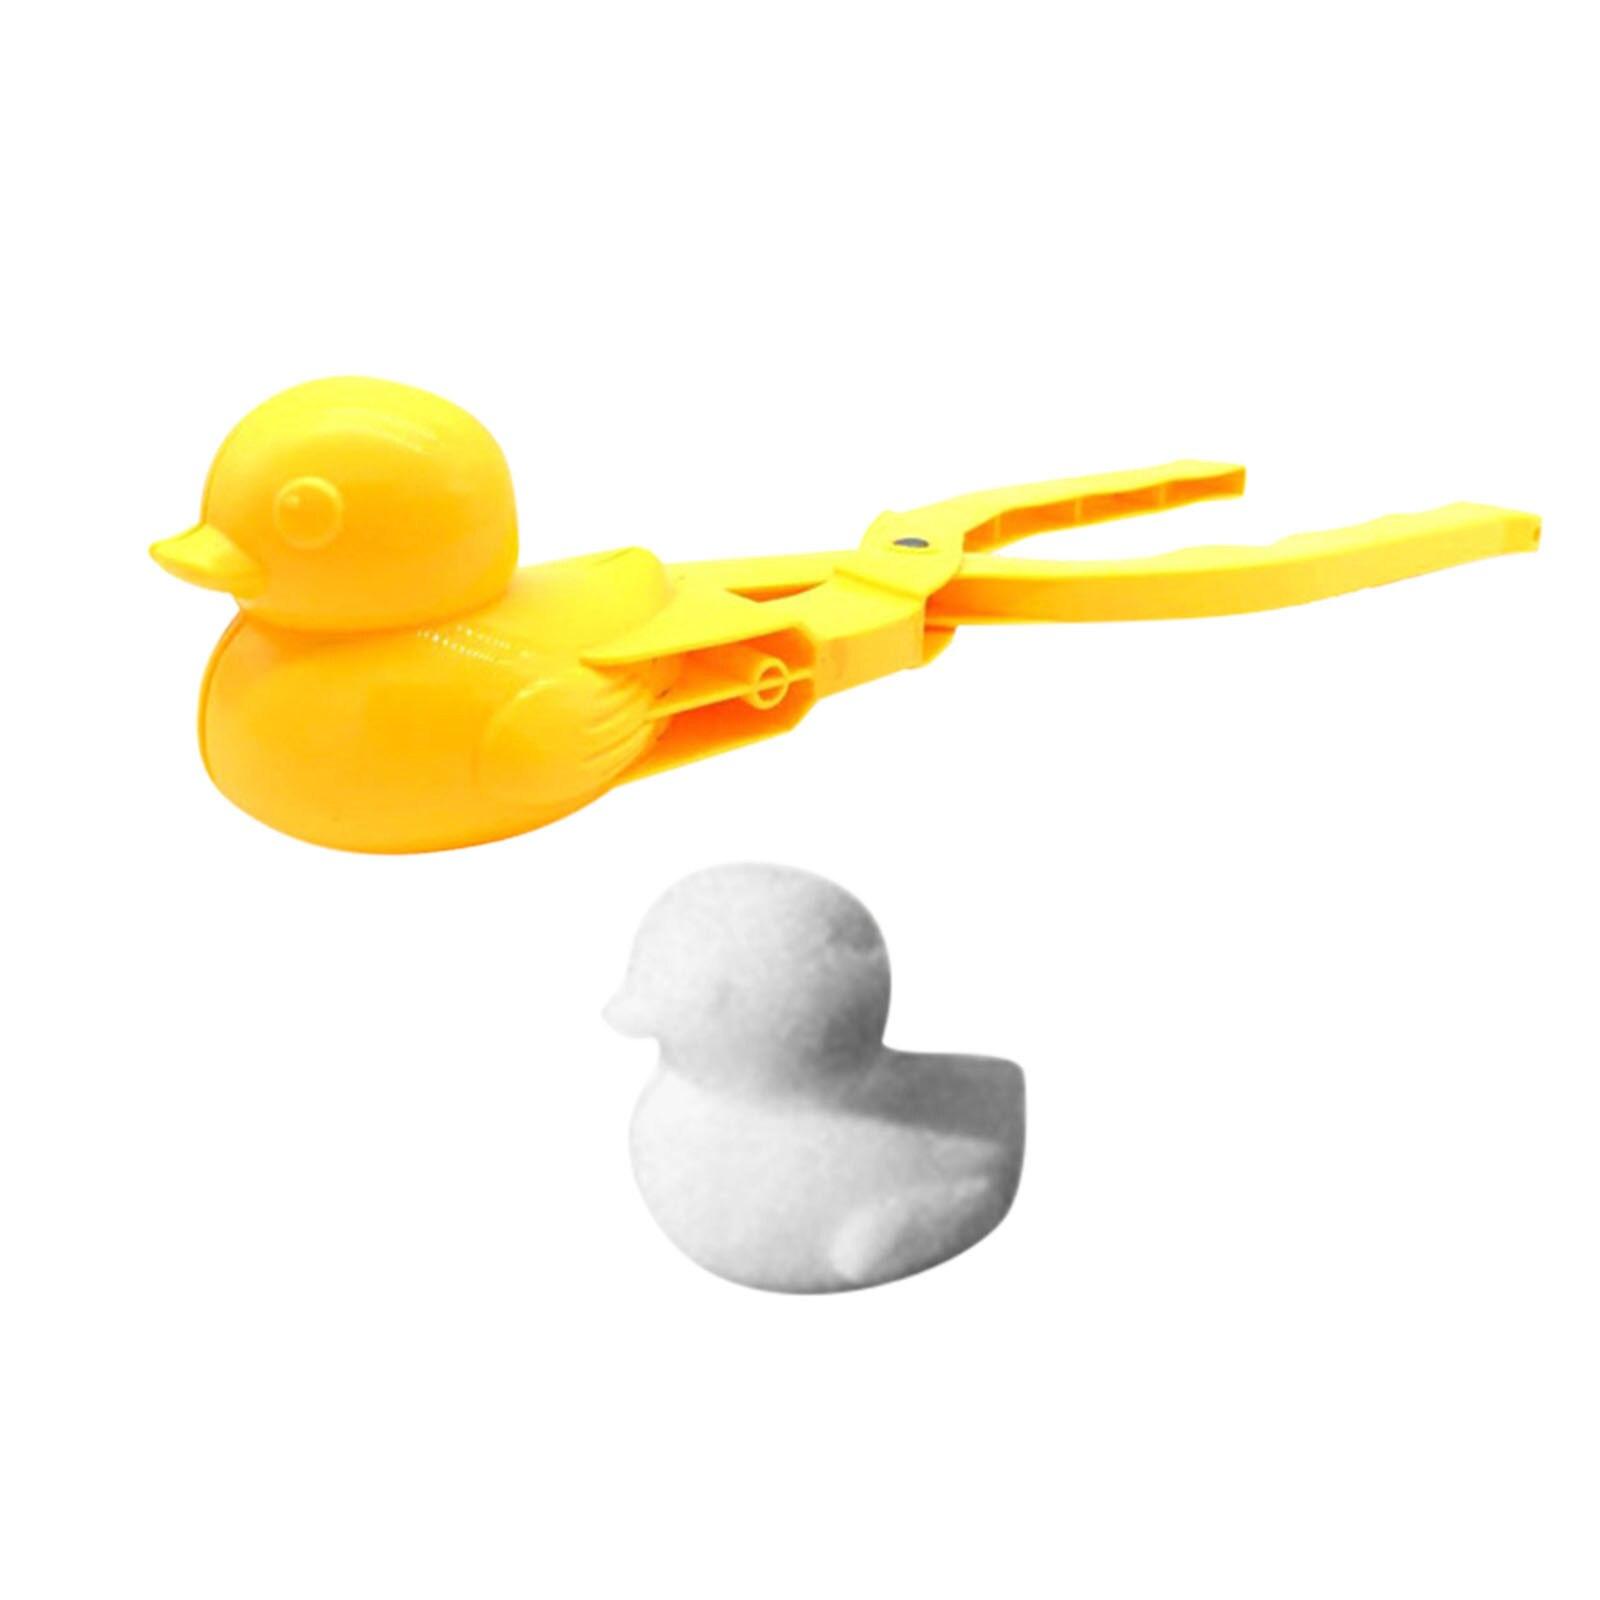 2021 симпатичные игрушки для детей снег утки клипса уличные Зимние Симпатичные утки Снеговик Снег песок форма инструмент игрушки для детей # ...